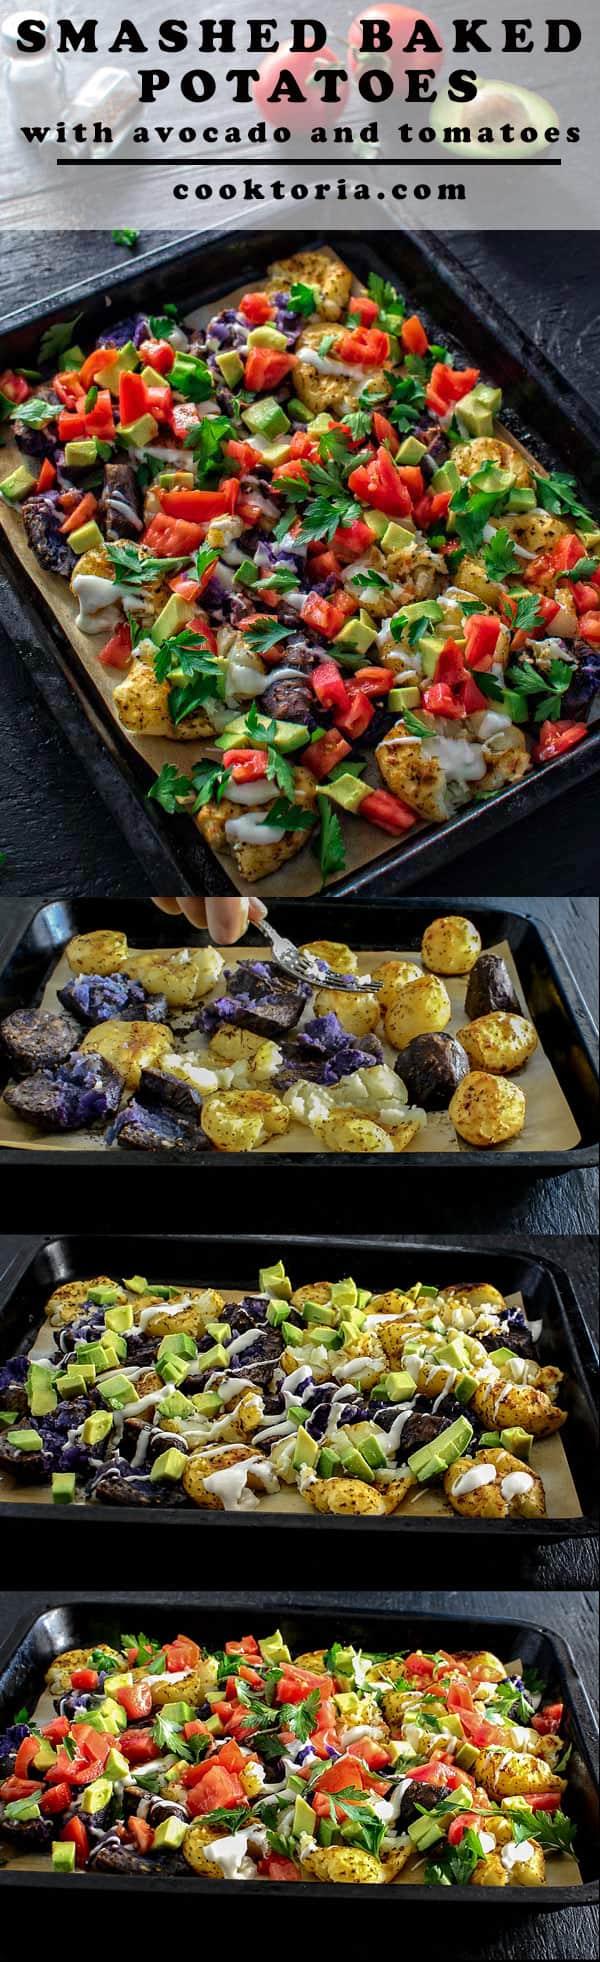 smashed-baked-potatoes